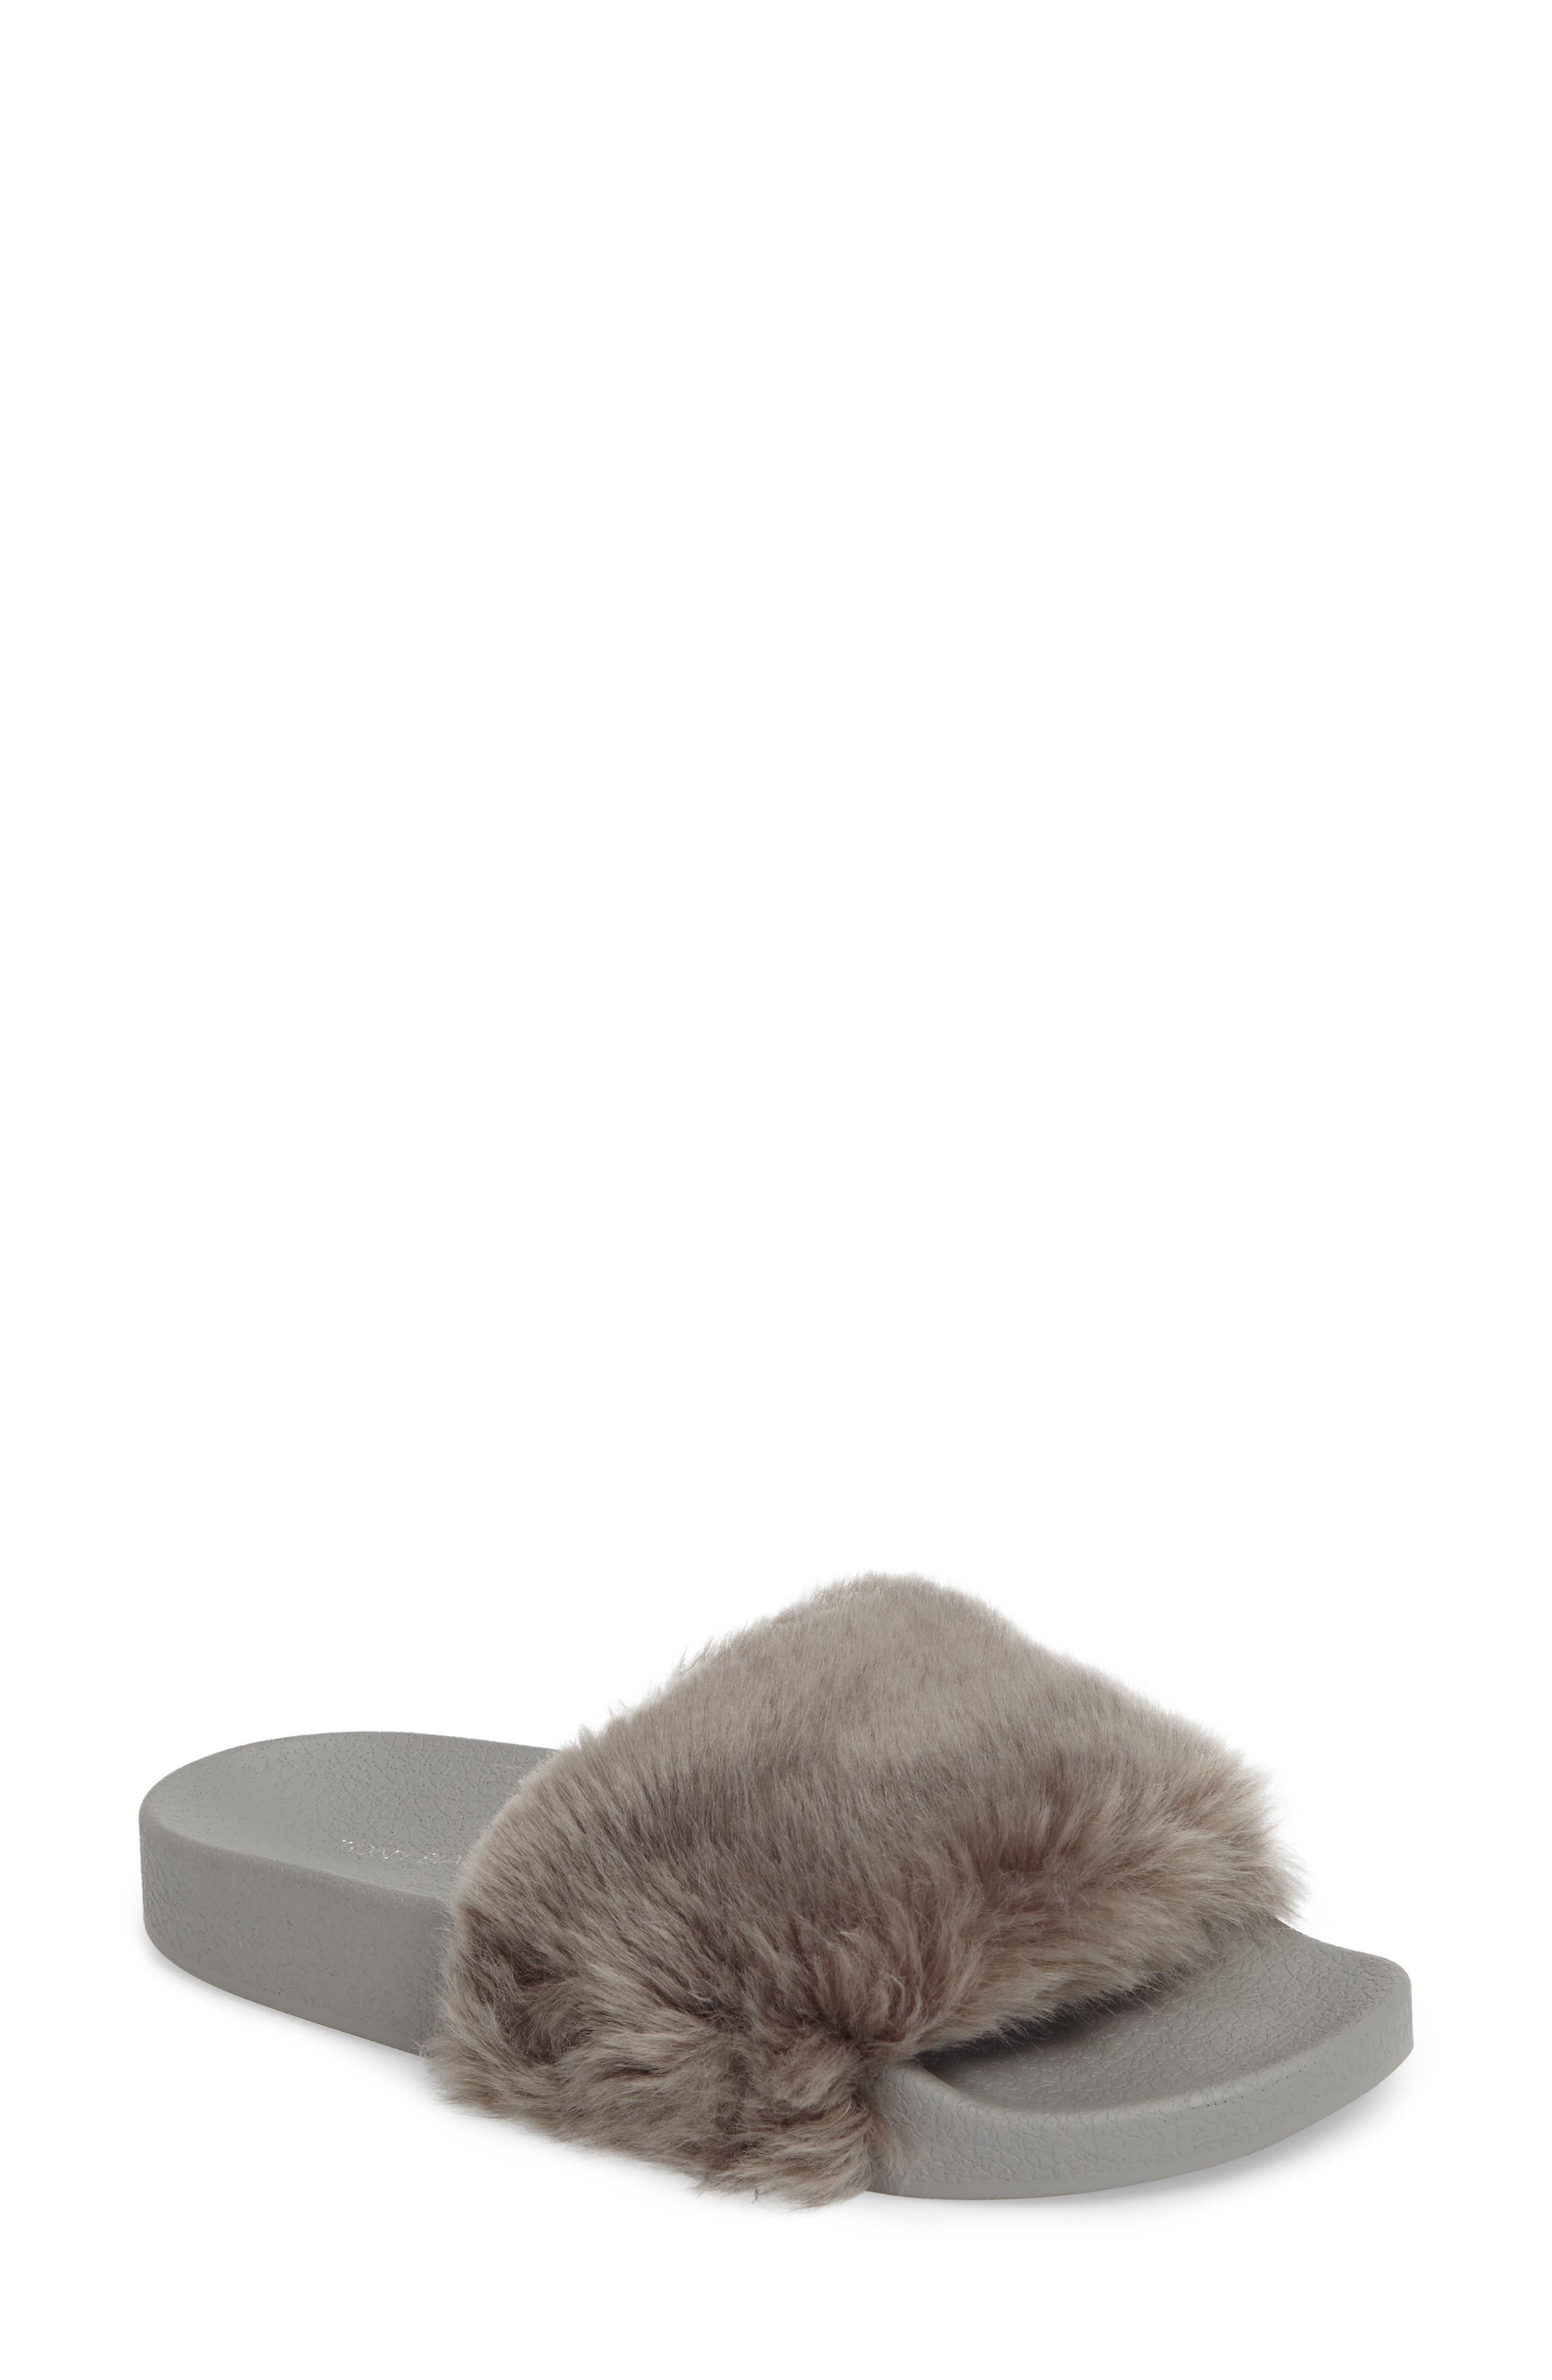 Vixen Slide Sandal,                             Main thumbnail 1, color,                             Grey Faux Fur